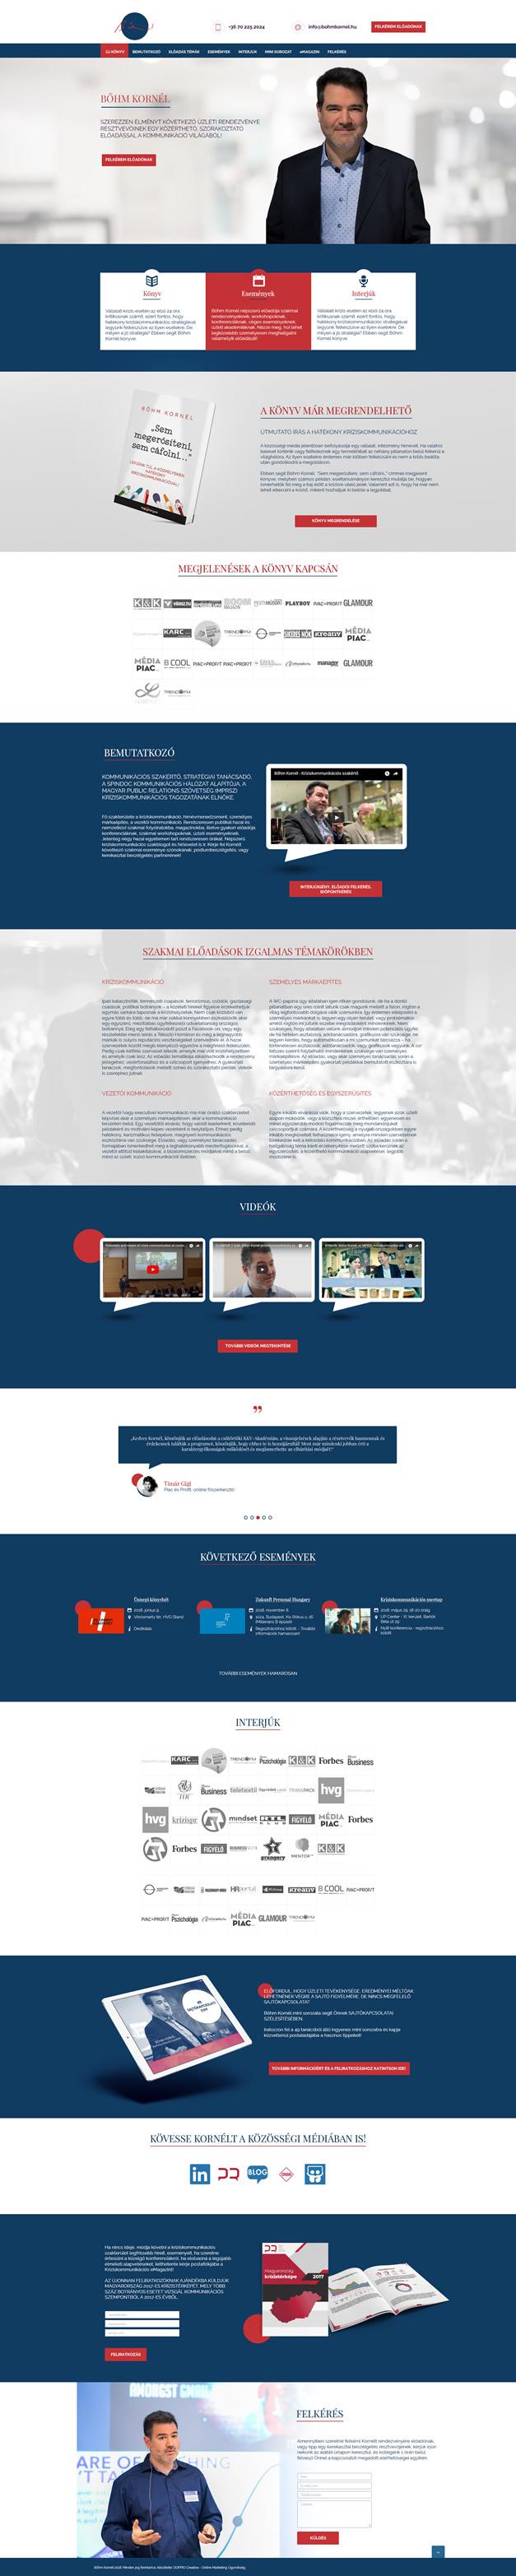 Bőhm Kornél kríziskommunikációs szakértő wordpress weboldal készítés